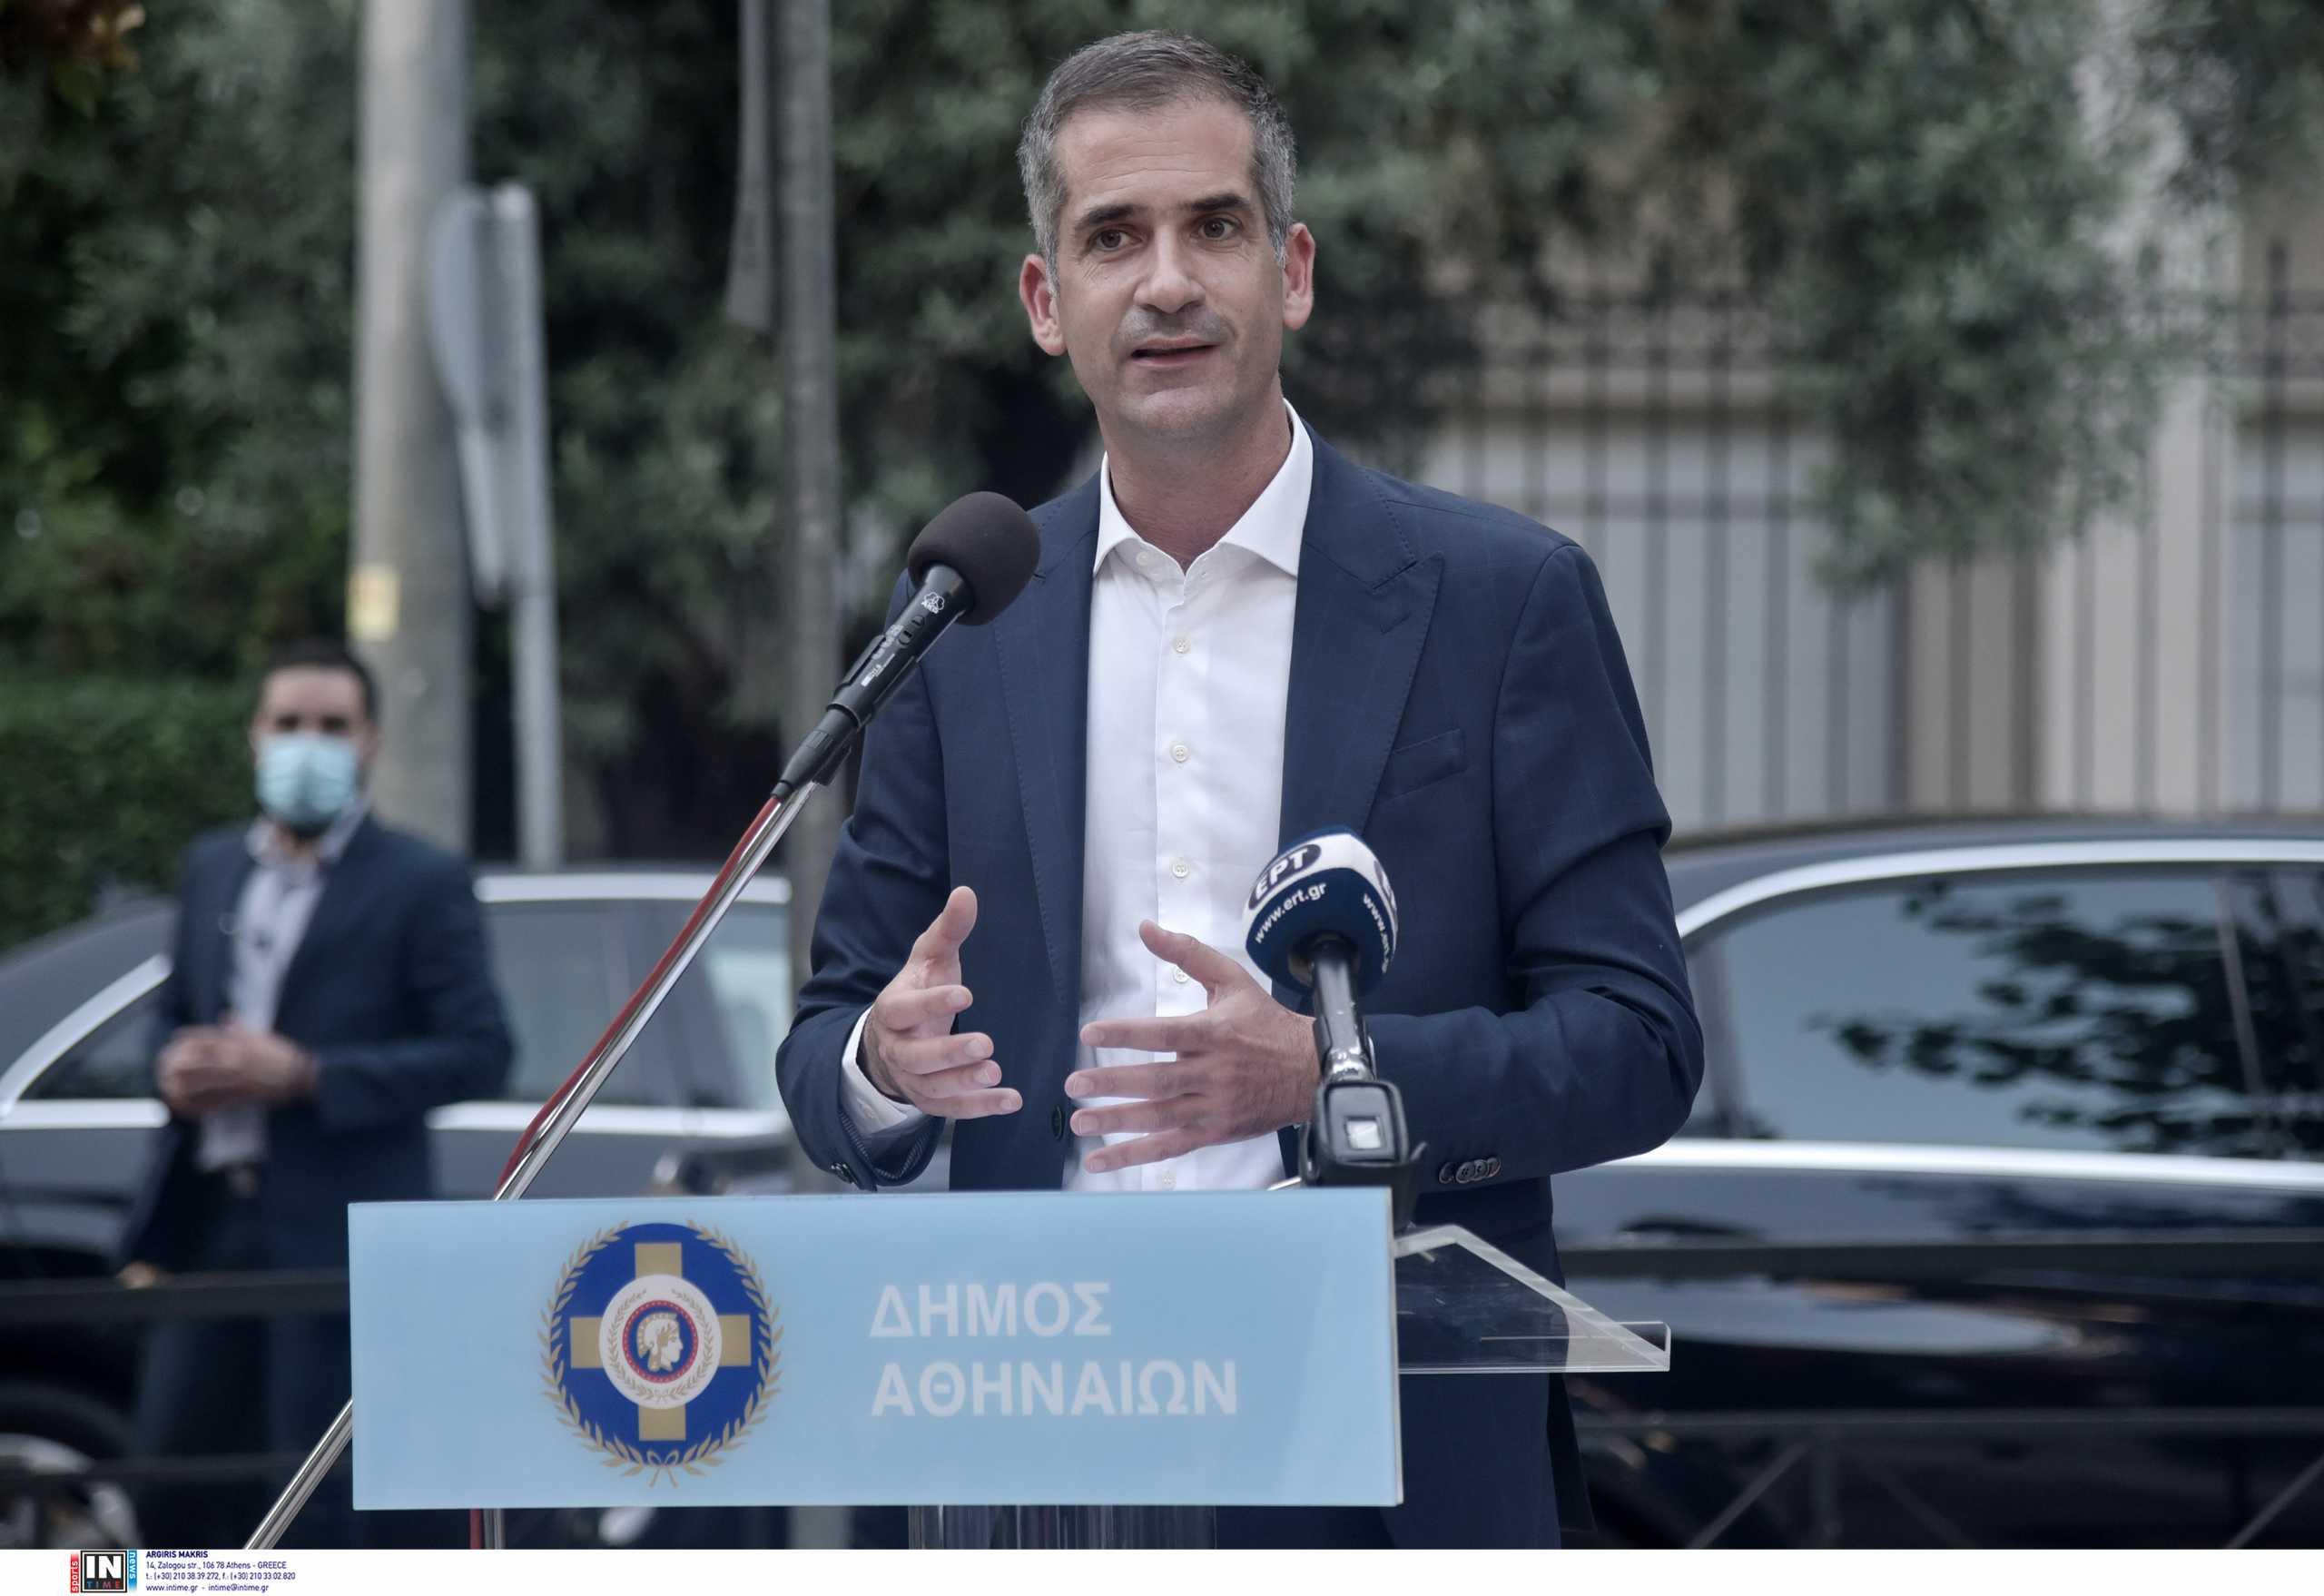 Ανασχηματισμός στο Δήμο Αθηναίων: Με απόφαση Κώστα Μπακογιάννη ορίζονται νέοι αντιδήμαρχοι